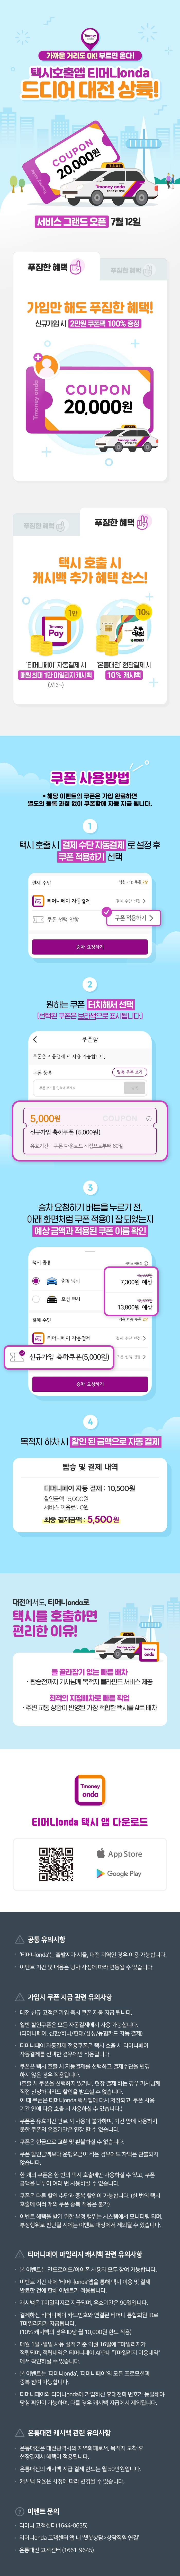 택시 쿠폰팩 2만원+캐시백 혜택! - 티머니onda 대전 서비스 오픈